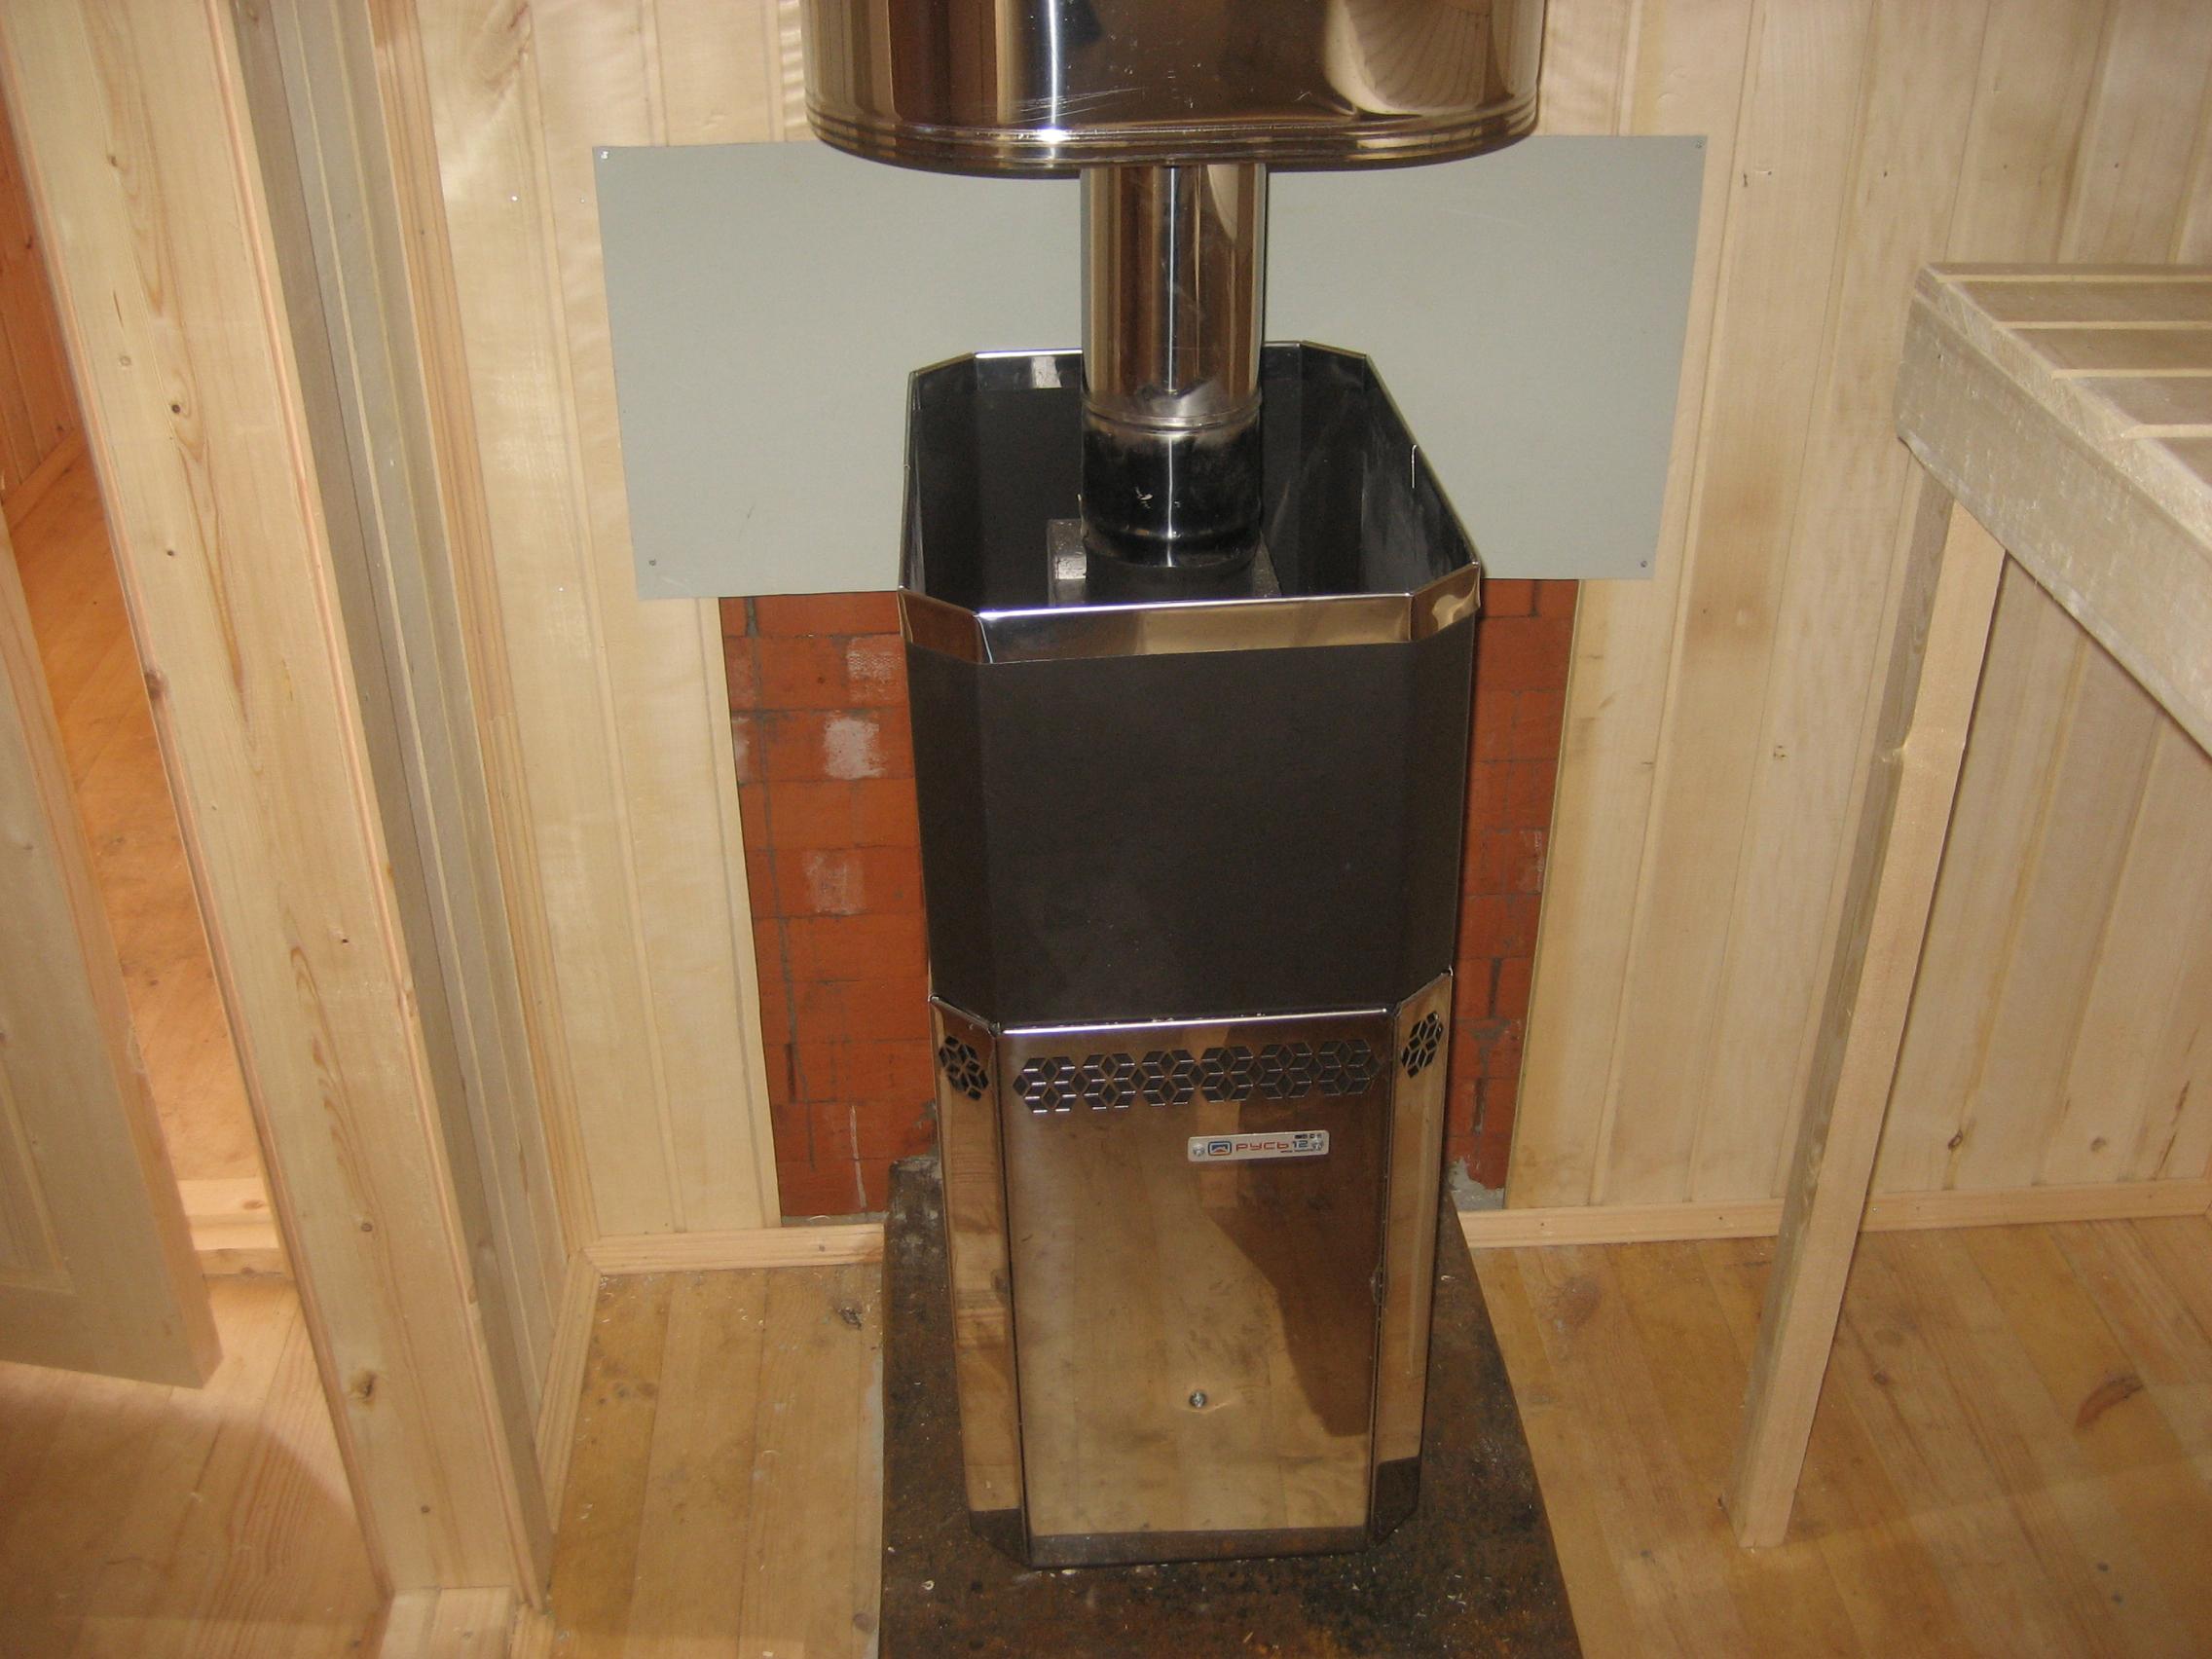 Установка печи в бане на деревянный пол - пошаговая инструкция! 44